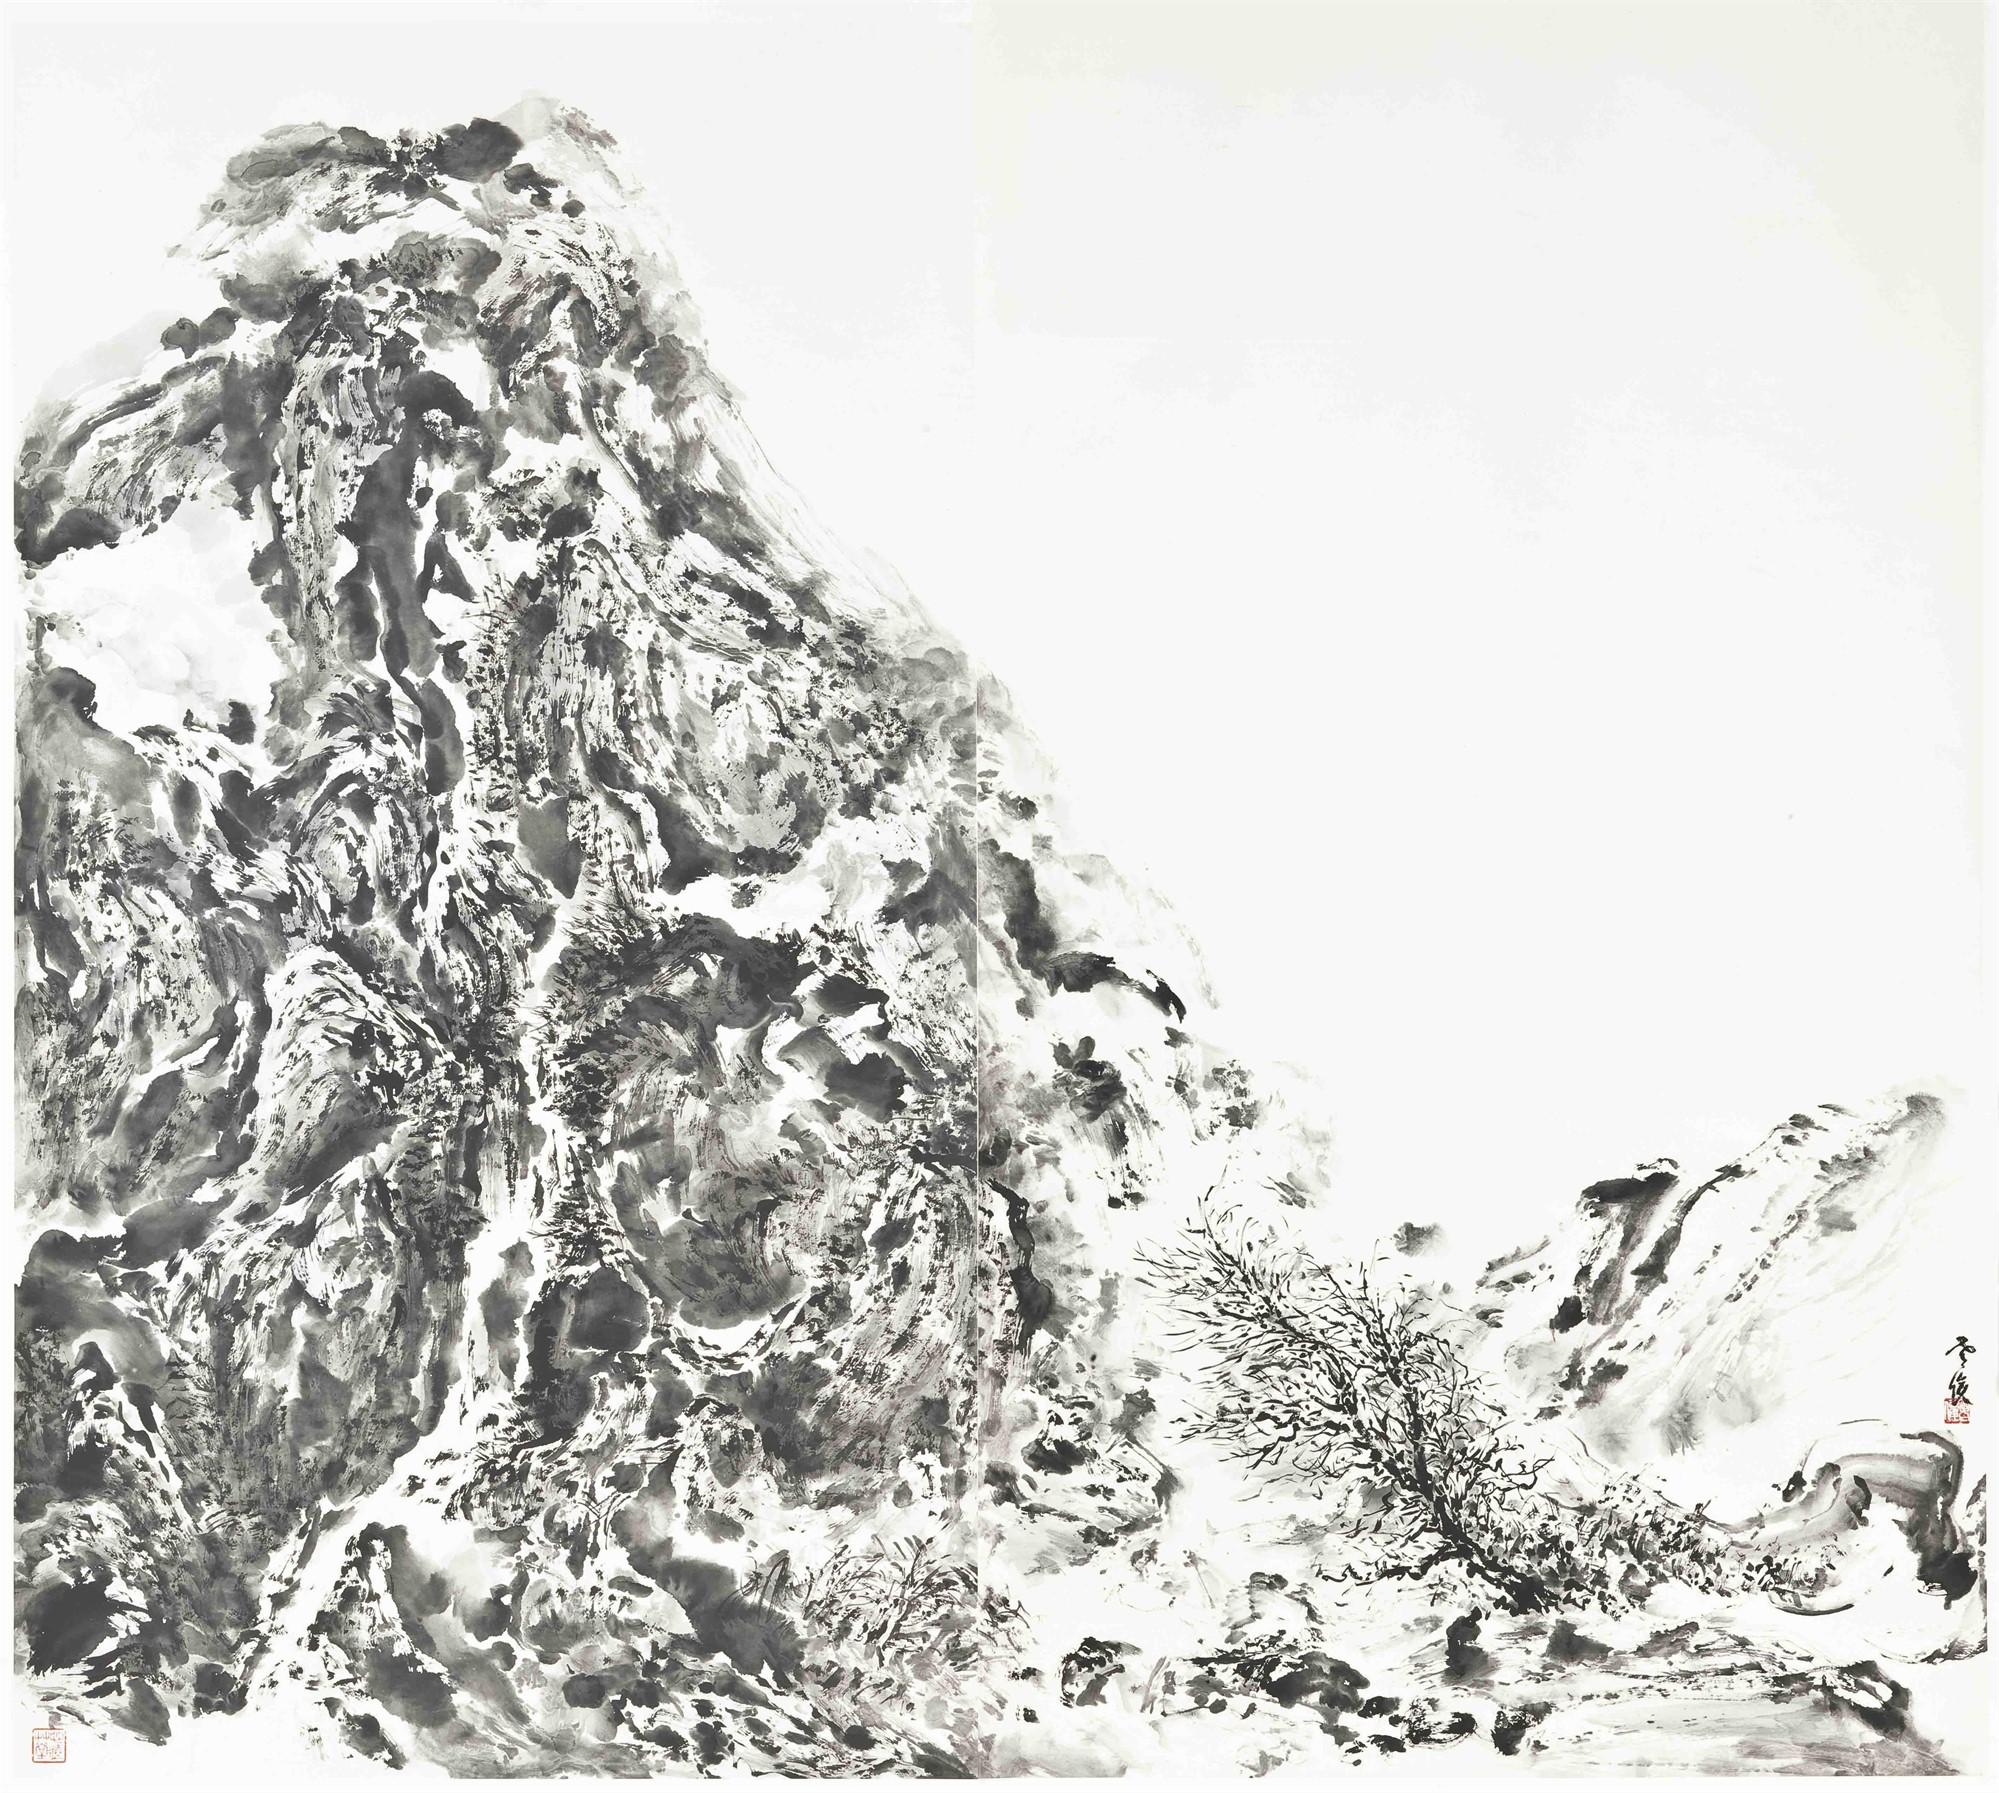 LANDSCAPE 4 by Xiaojun Zeng